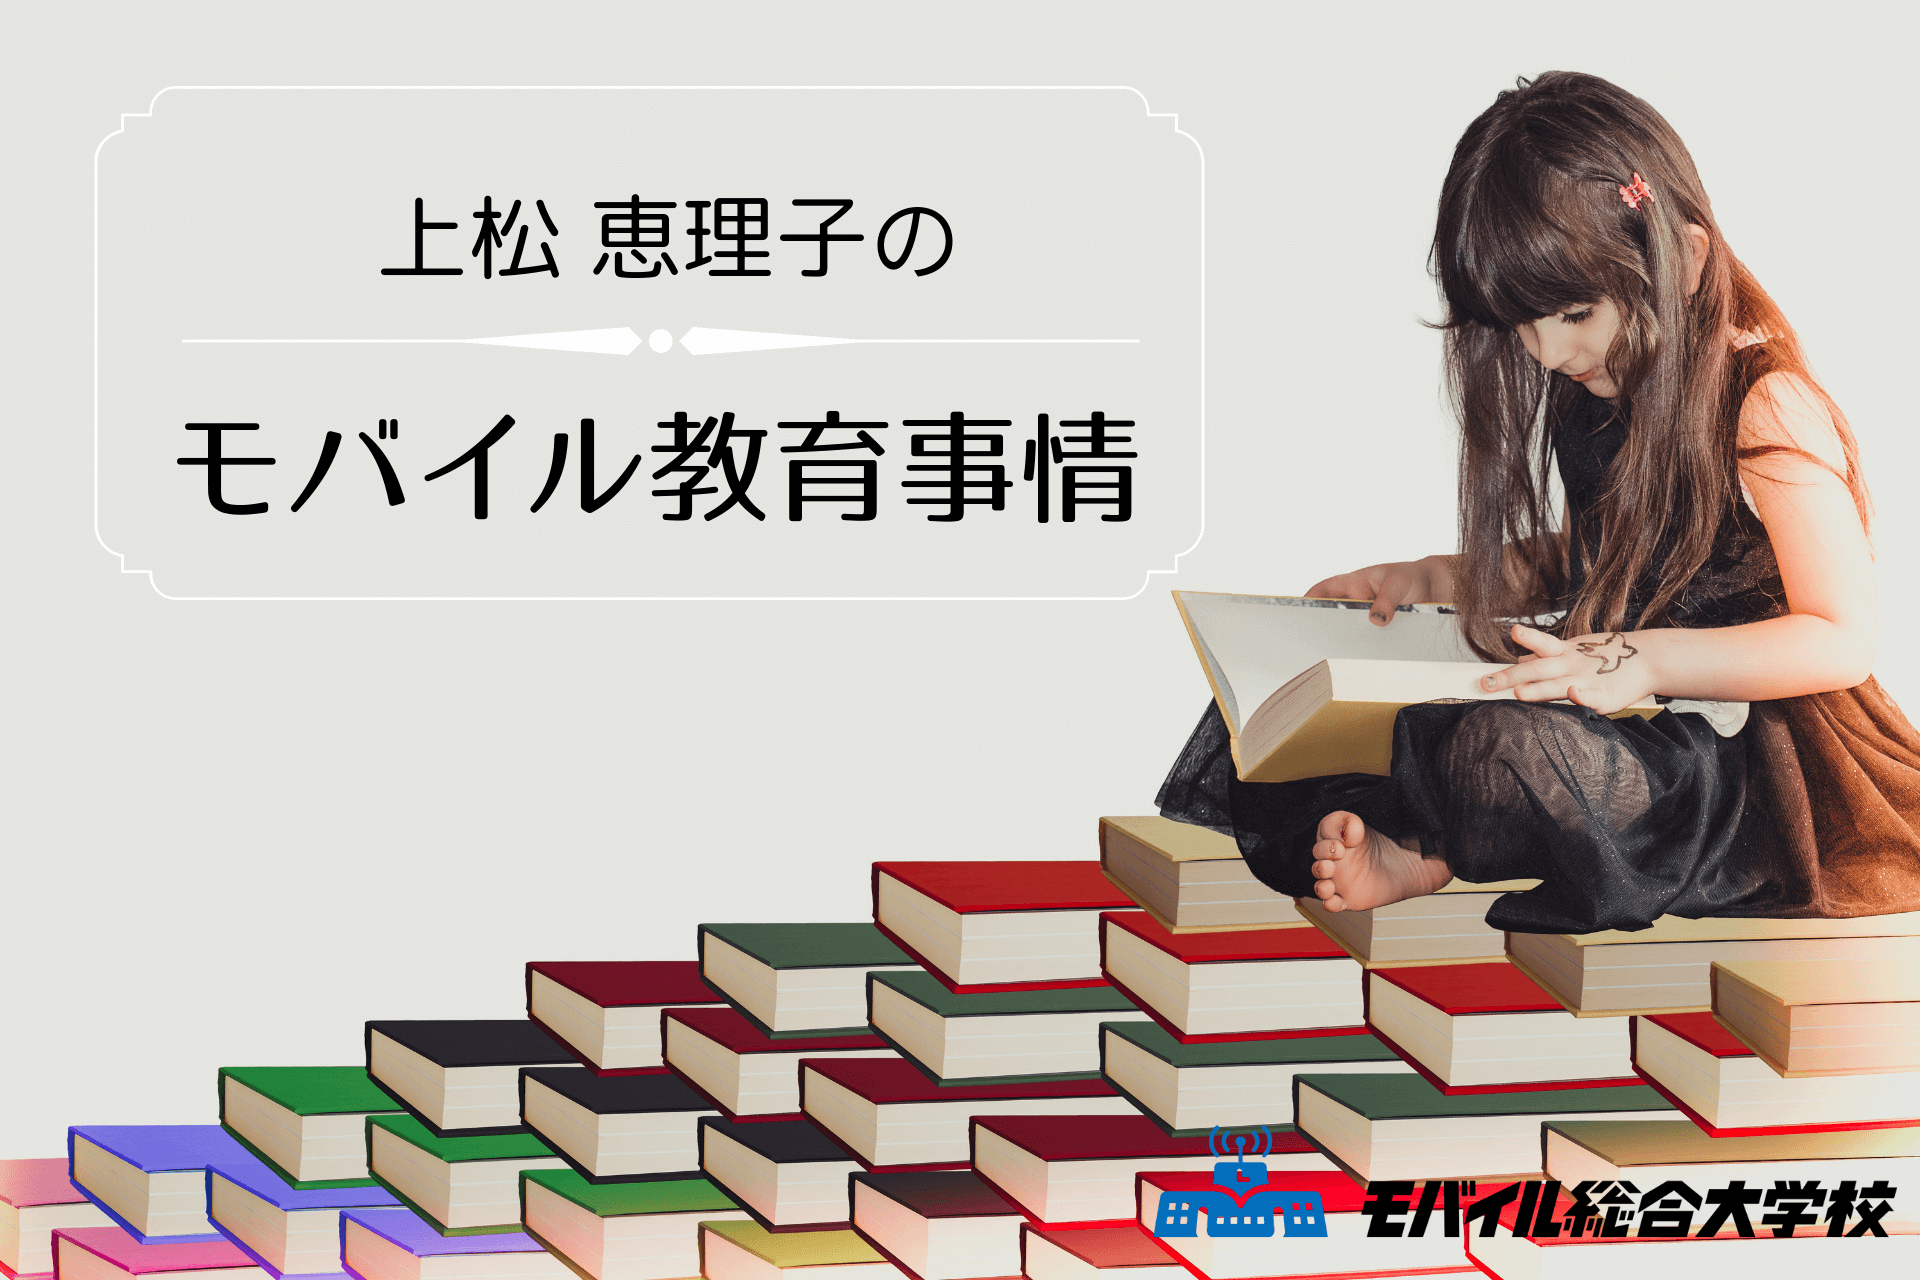 モバイルを活用した最新のICT教育・海外教育事例をお届け! 博士(教育学)上松恵理子先生によるコラム記事を連載開始